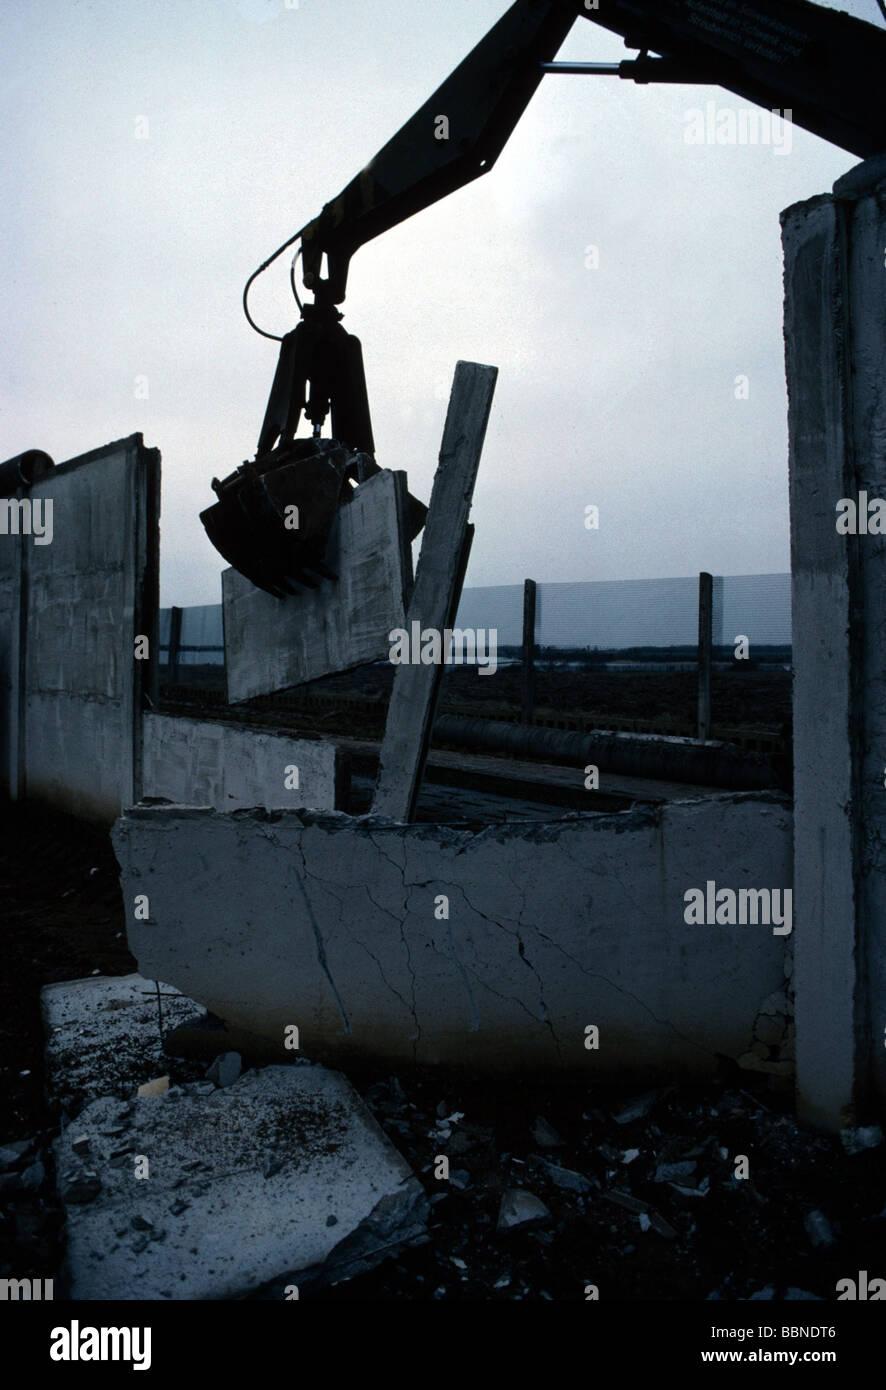 Géographie / billet, l'Allemagne, la réunification, chute du Mur de Berlin, janvier 1990, Additional Photo Stock